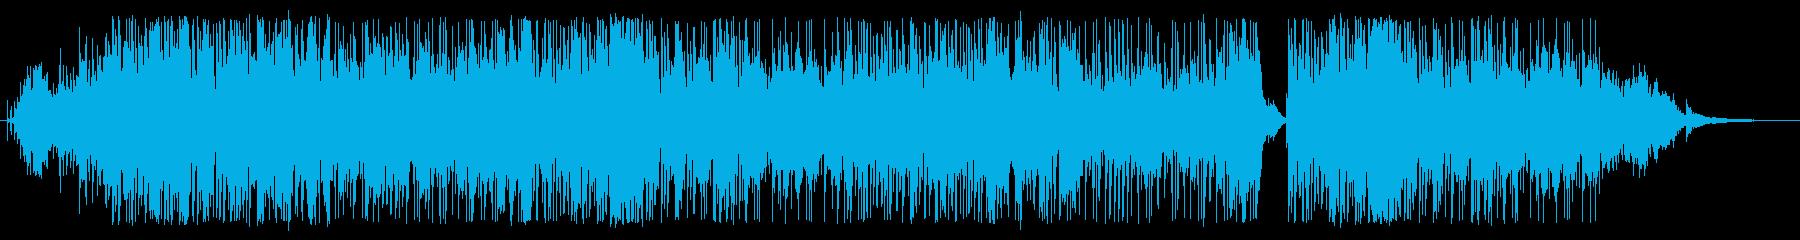 白鳥(swan)クラシックをボサノヴァ…の再生済みの波形